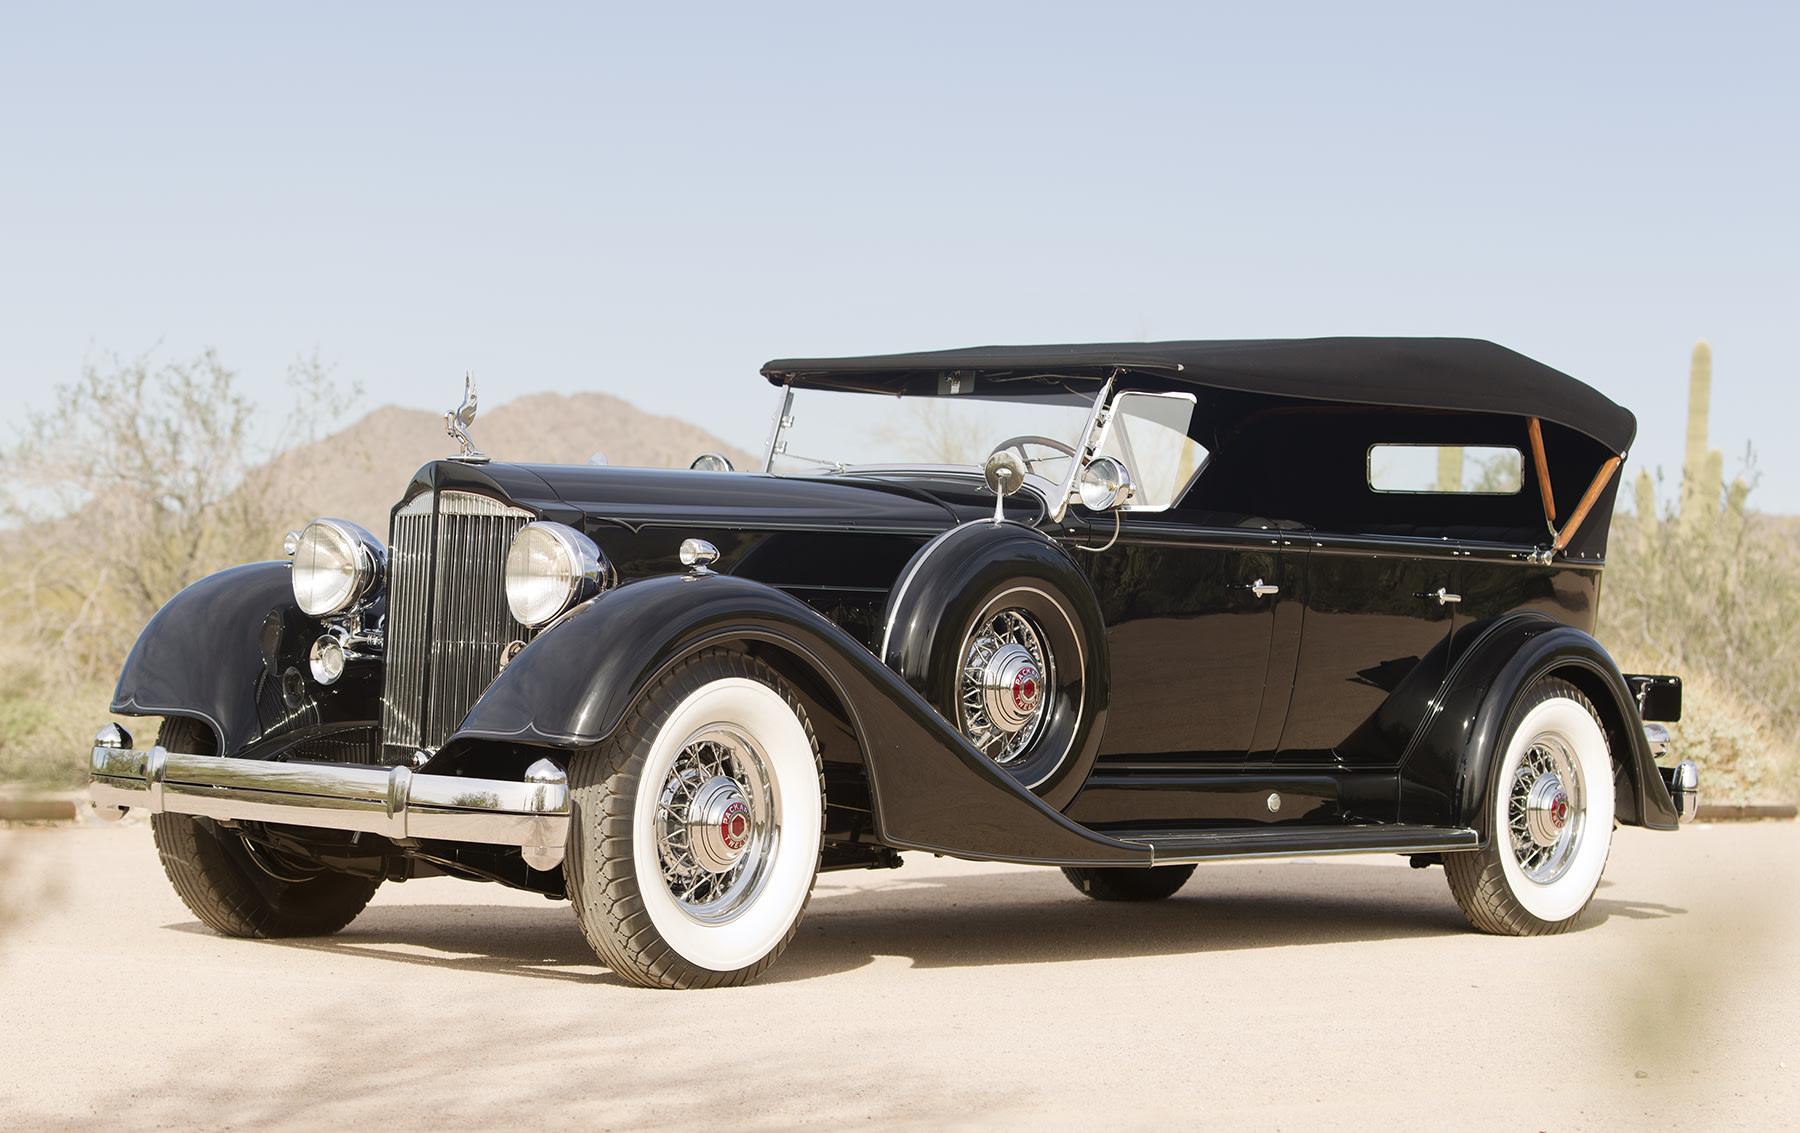 1934 Packard Twelve 1107 Seven-Passenger Touring